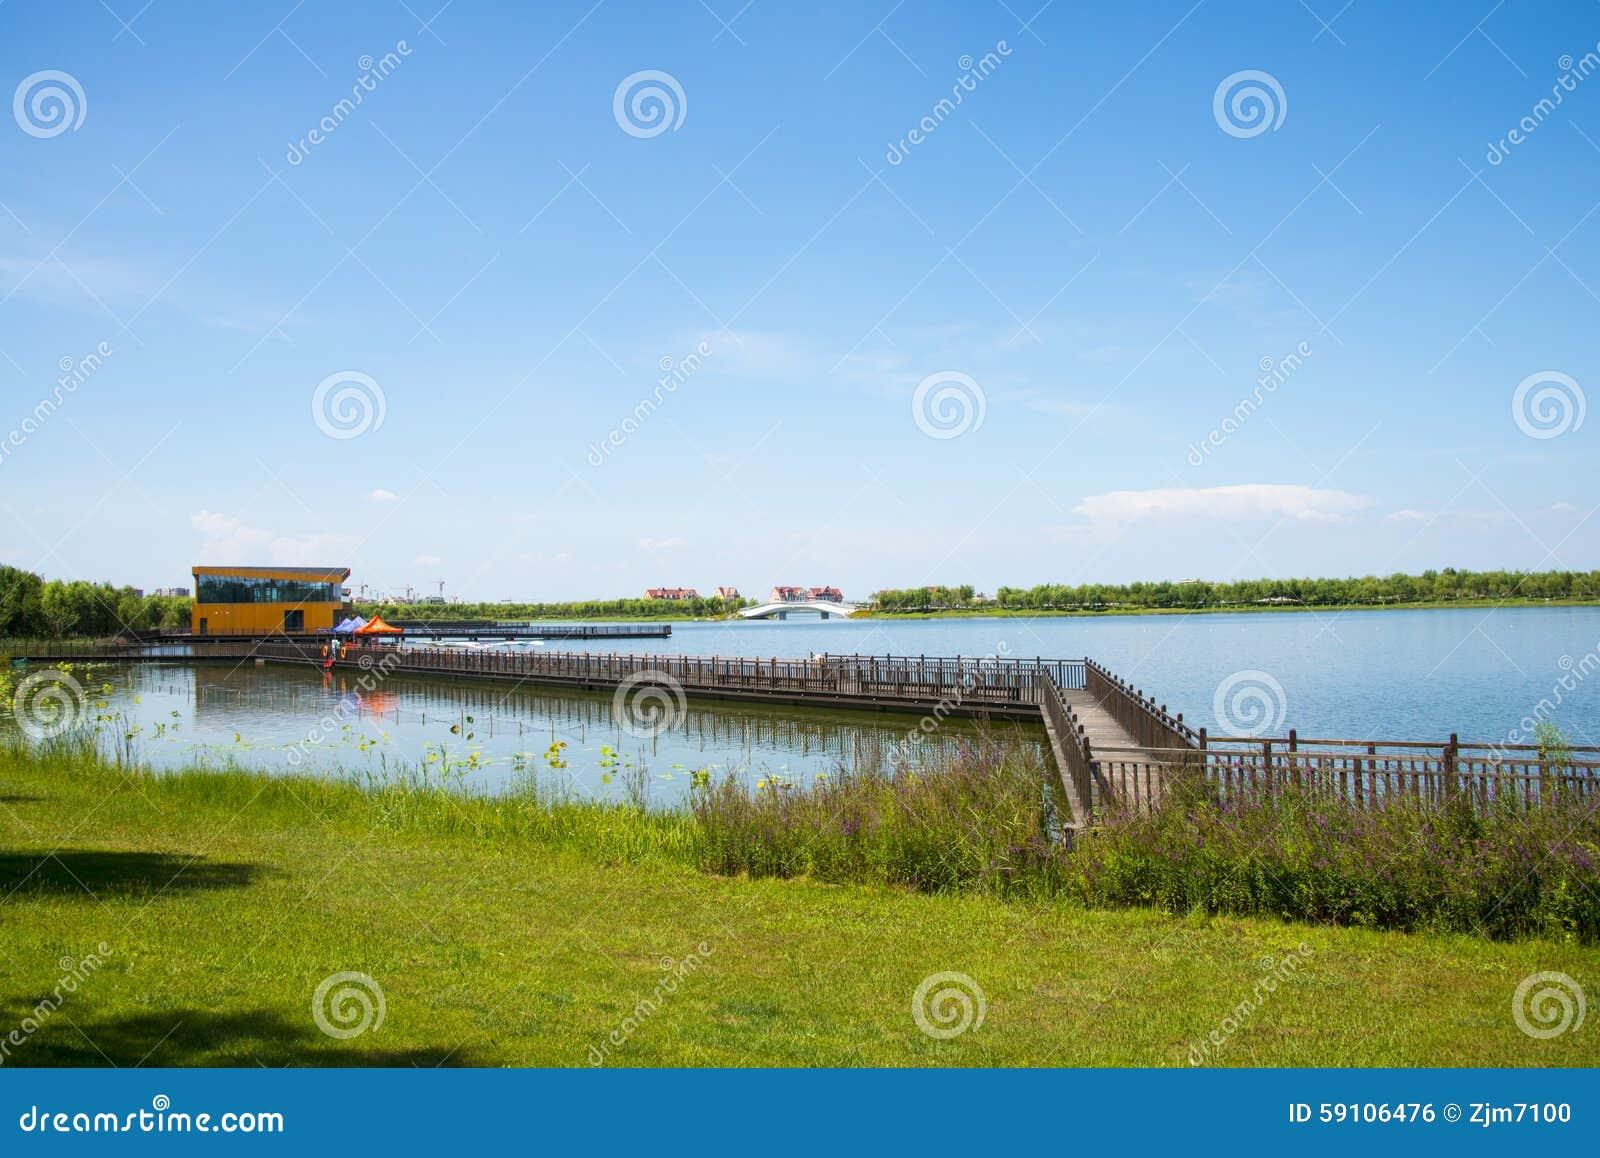 亚洲汉语,天津武清,绿色商展, Lakeview,木桥